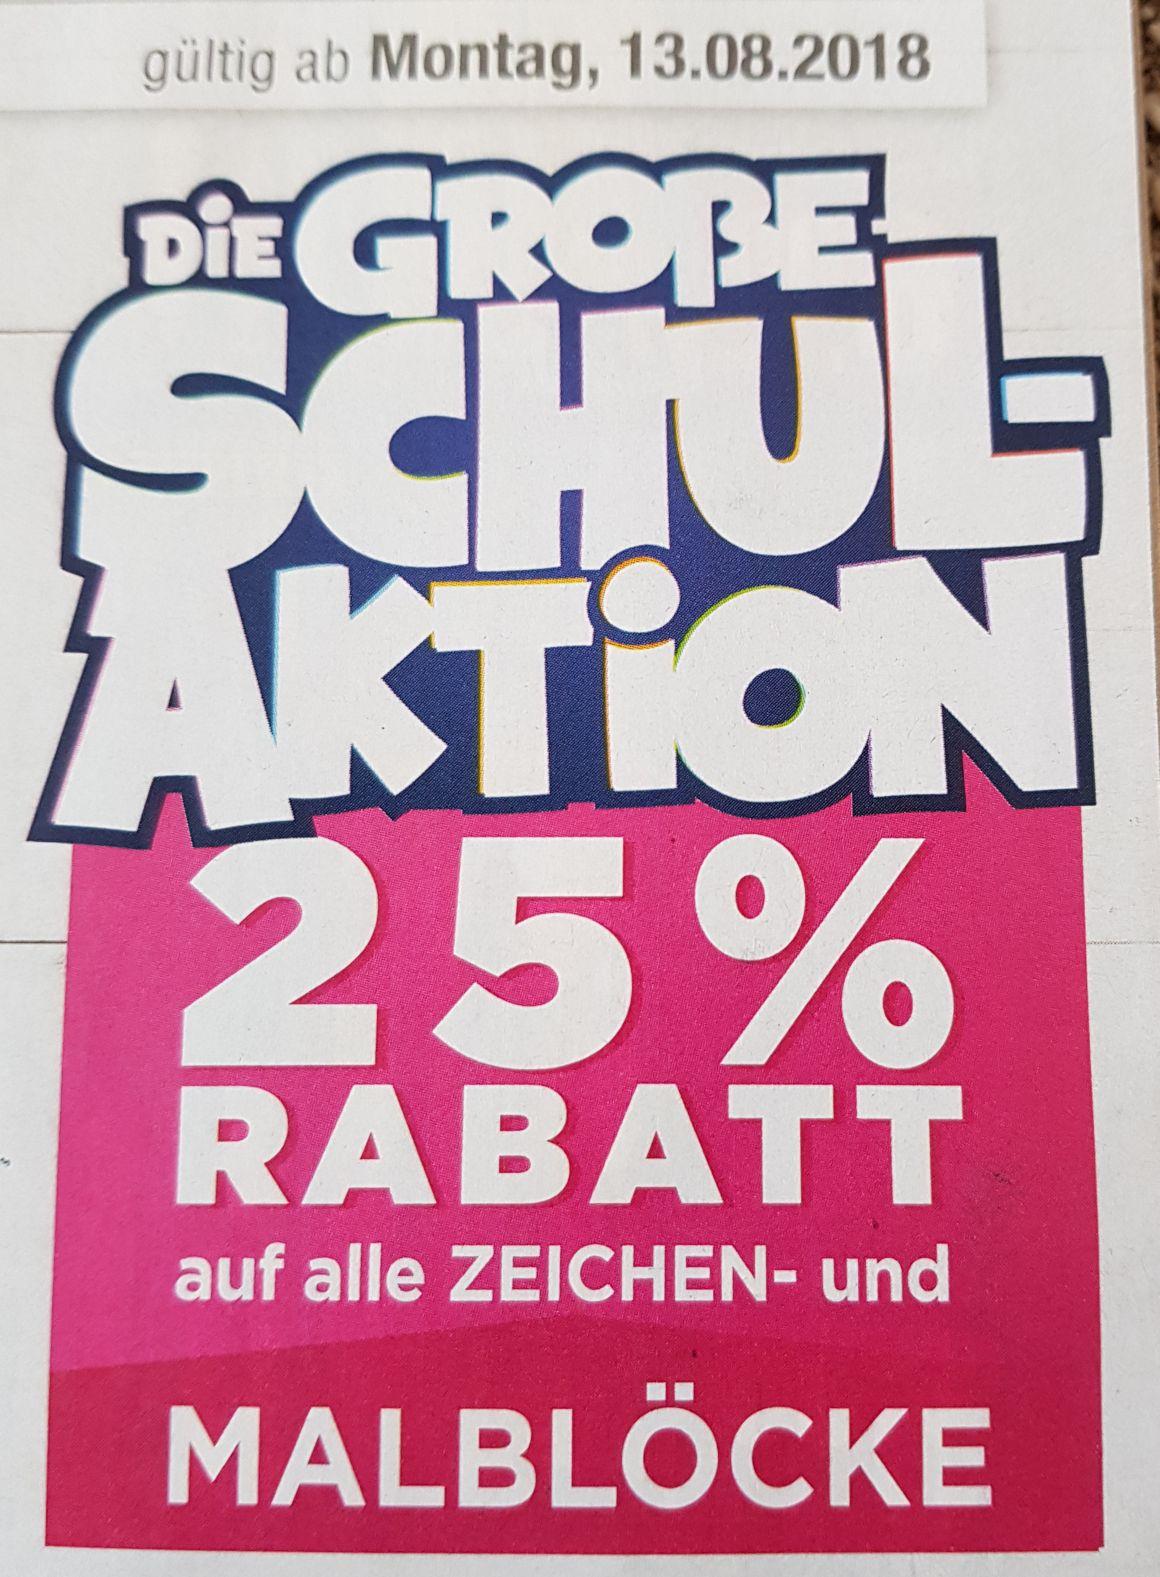 25% Rabatt auf alle Zeichen- und Malblöcke. Die Große Schulaktion [Mäc-Geiz]